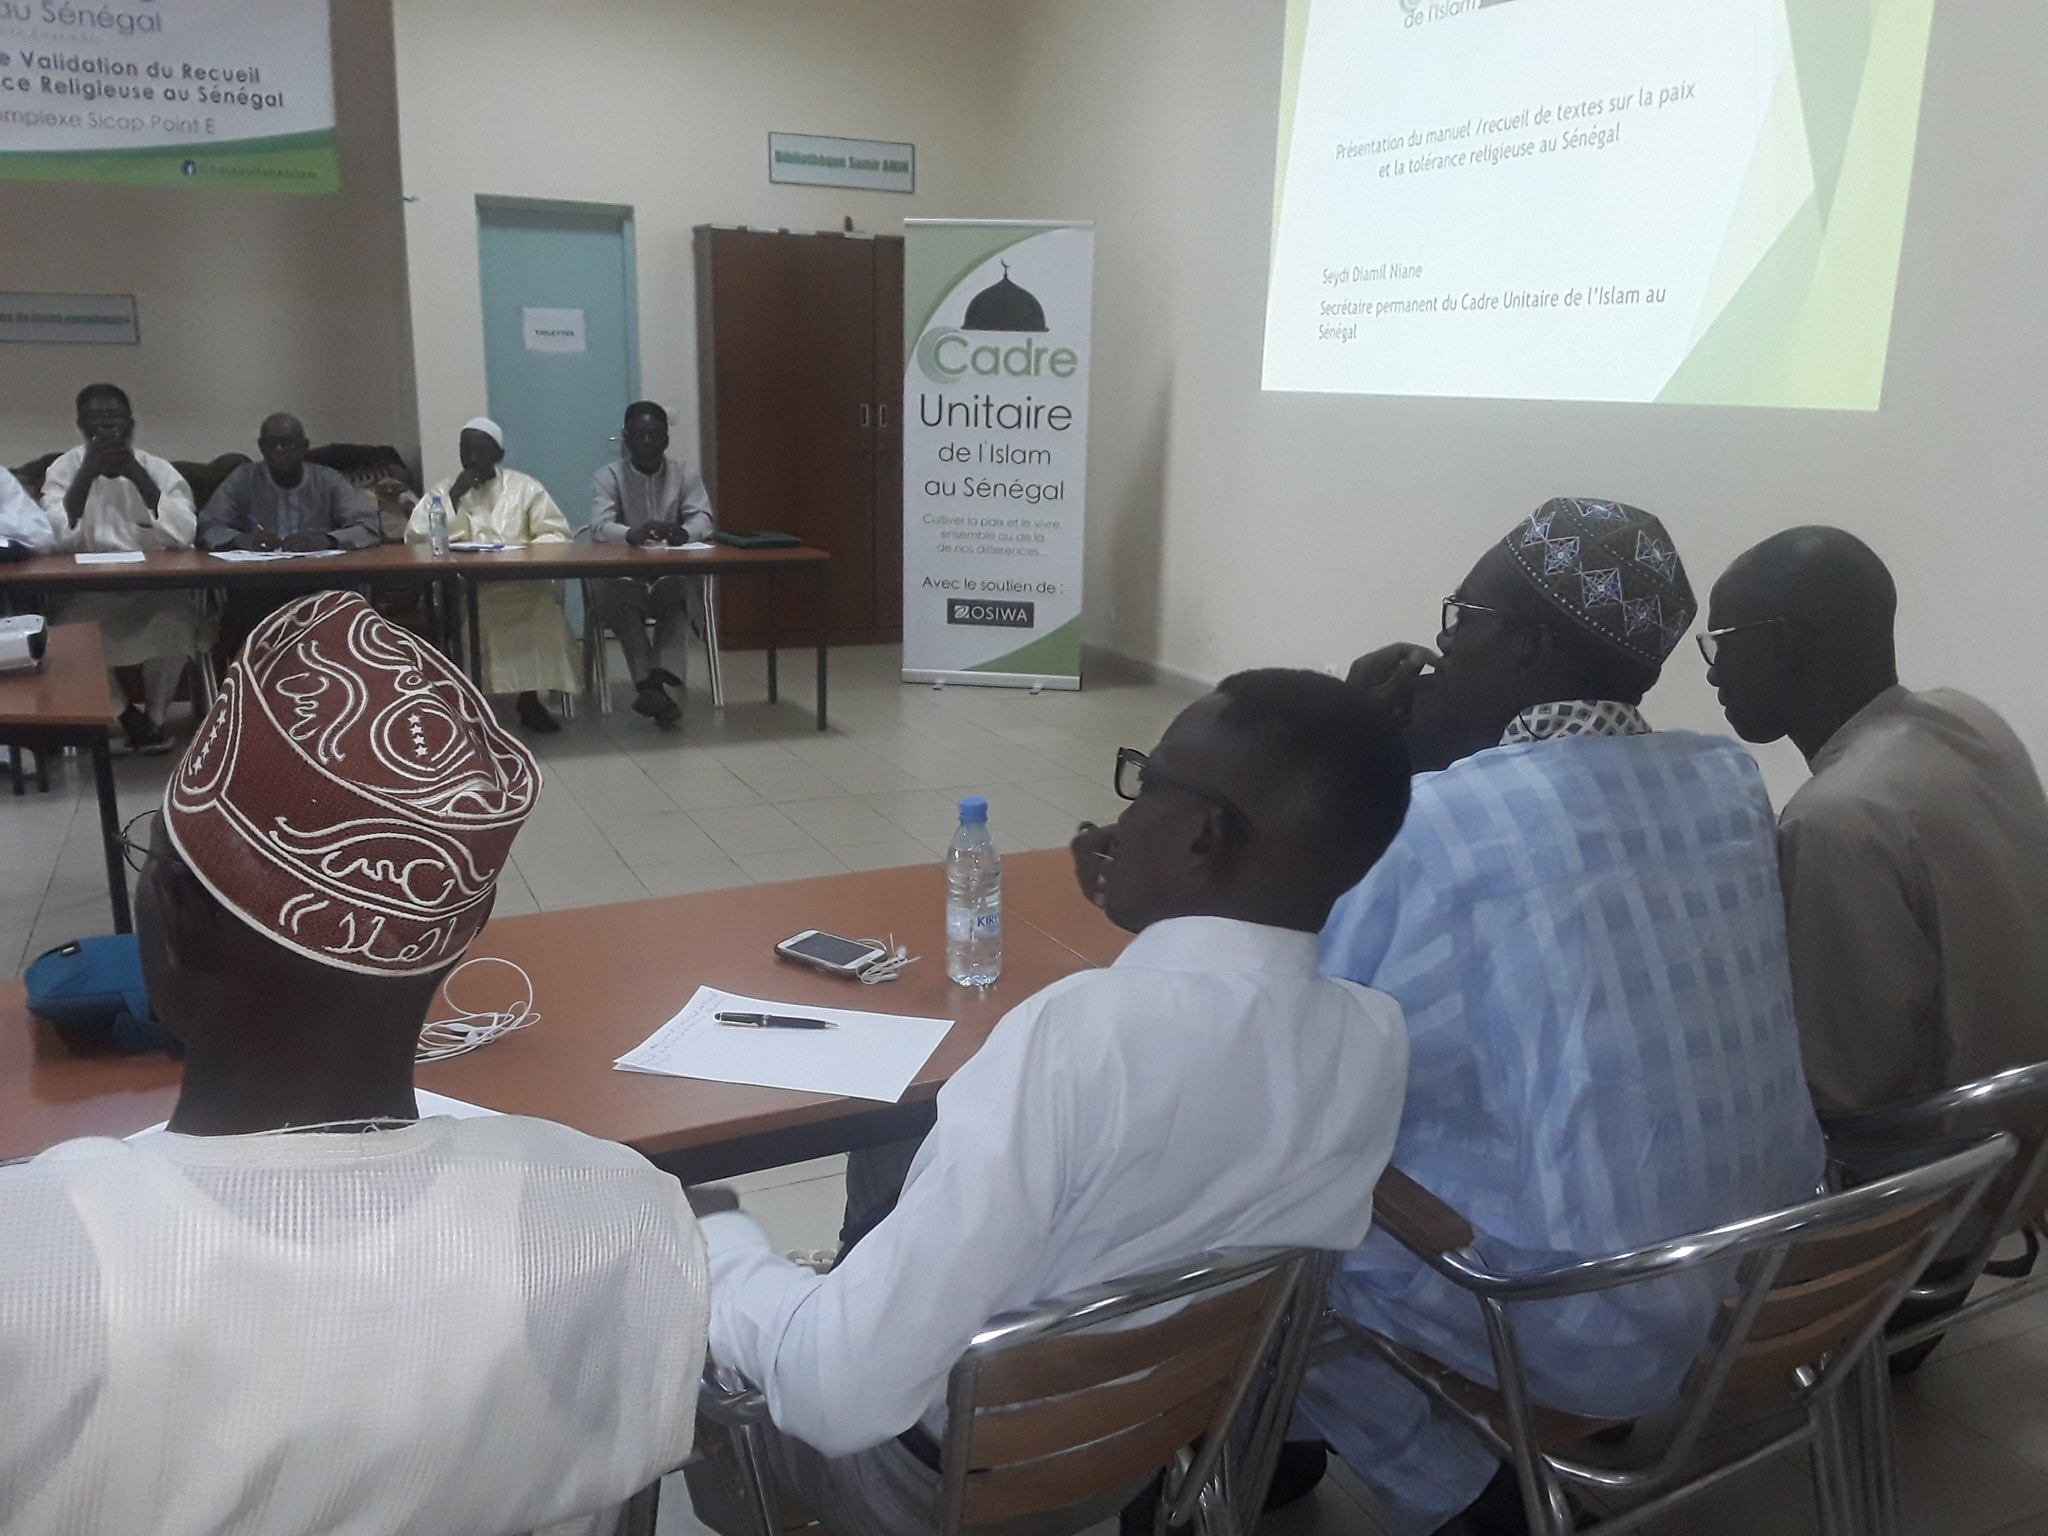 EN IMAGES - Séminaire de production et de validation du Recueil/Manuel  sur la paix et la tolérance religieuse au Sénégal